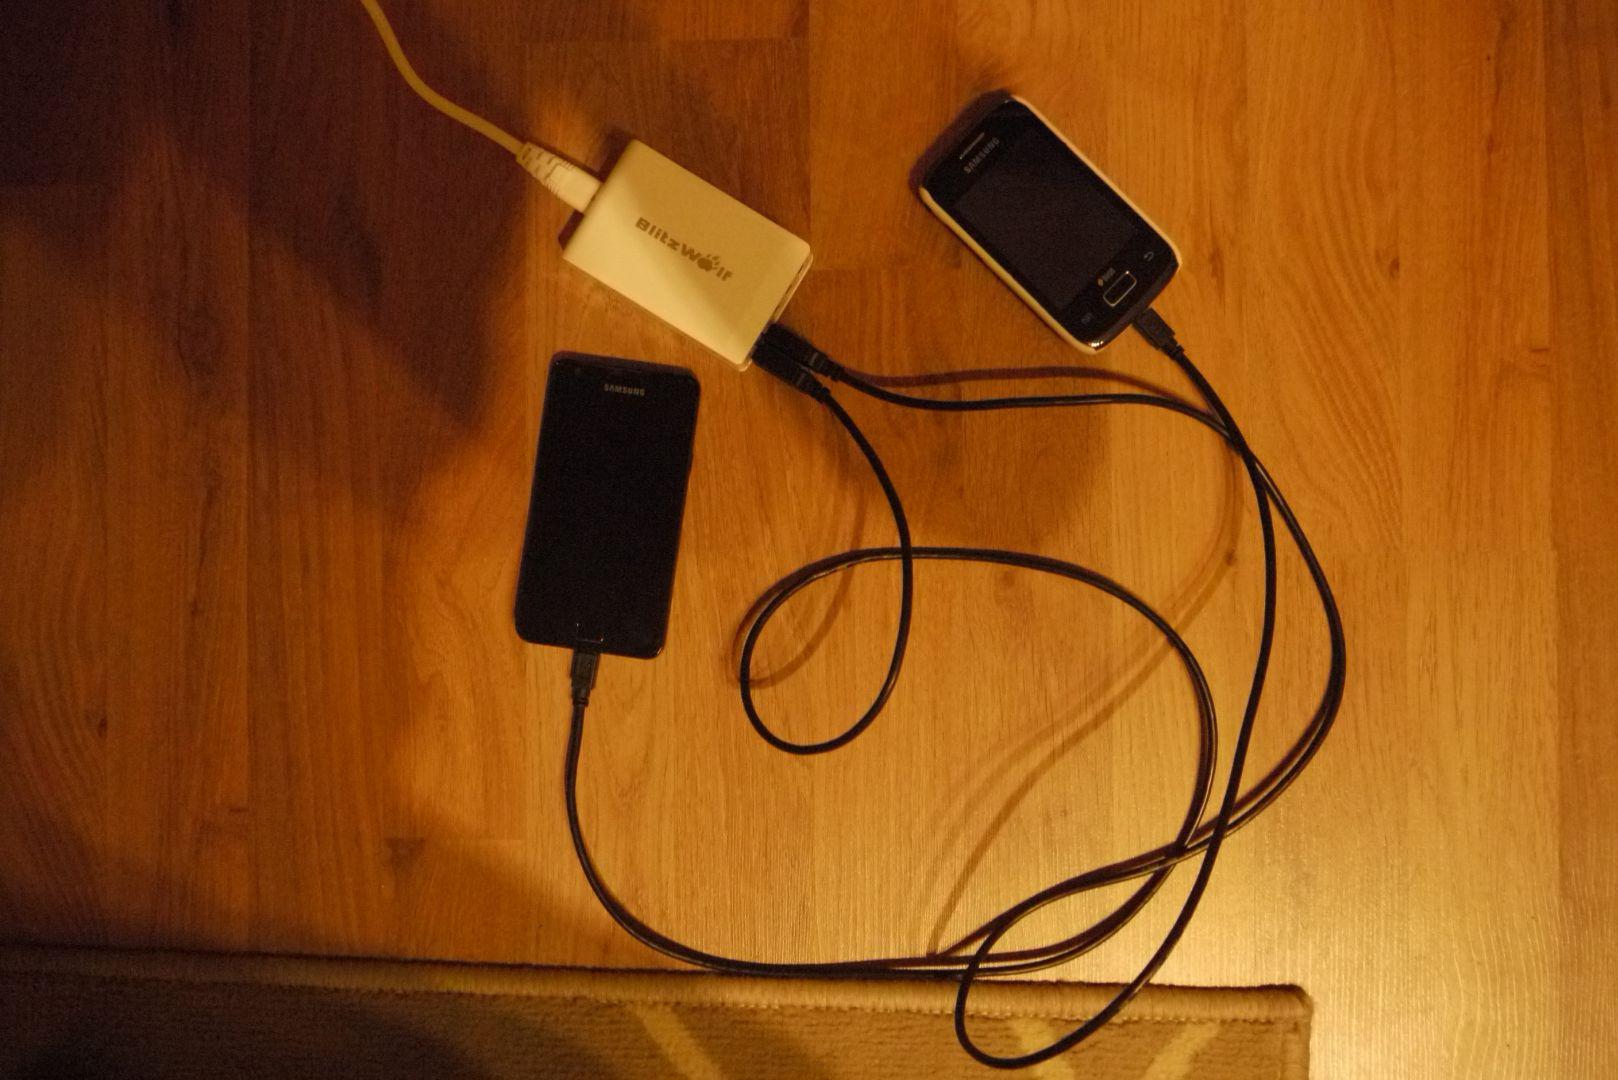 Terhelésteszt különböző telefonokkal